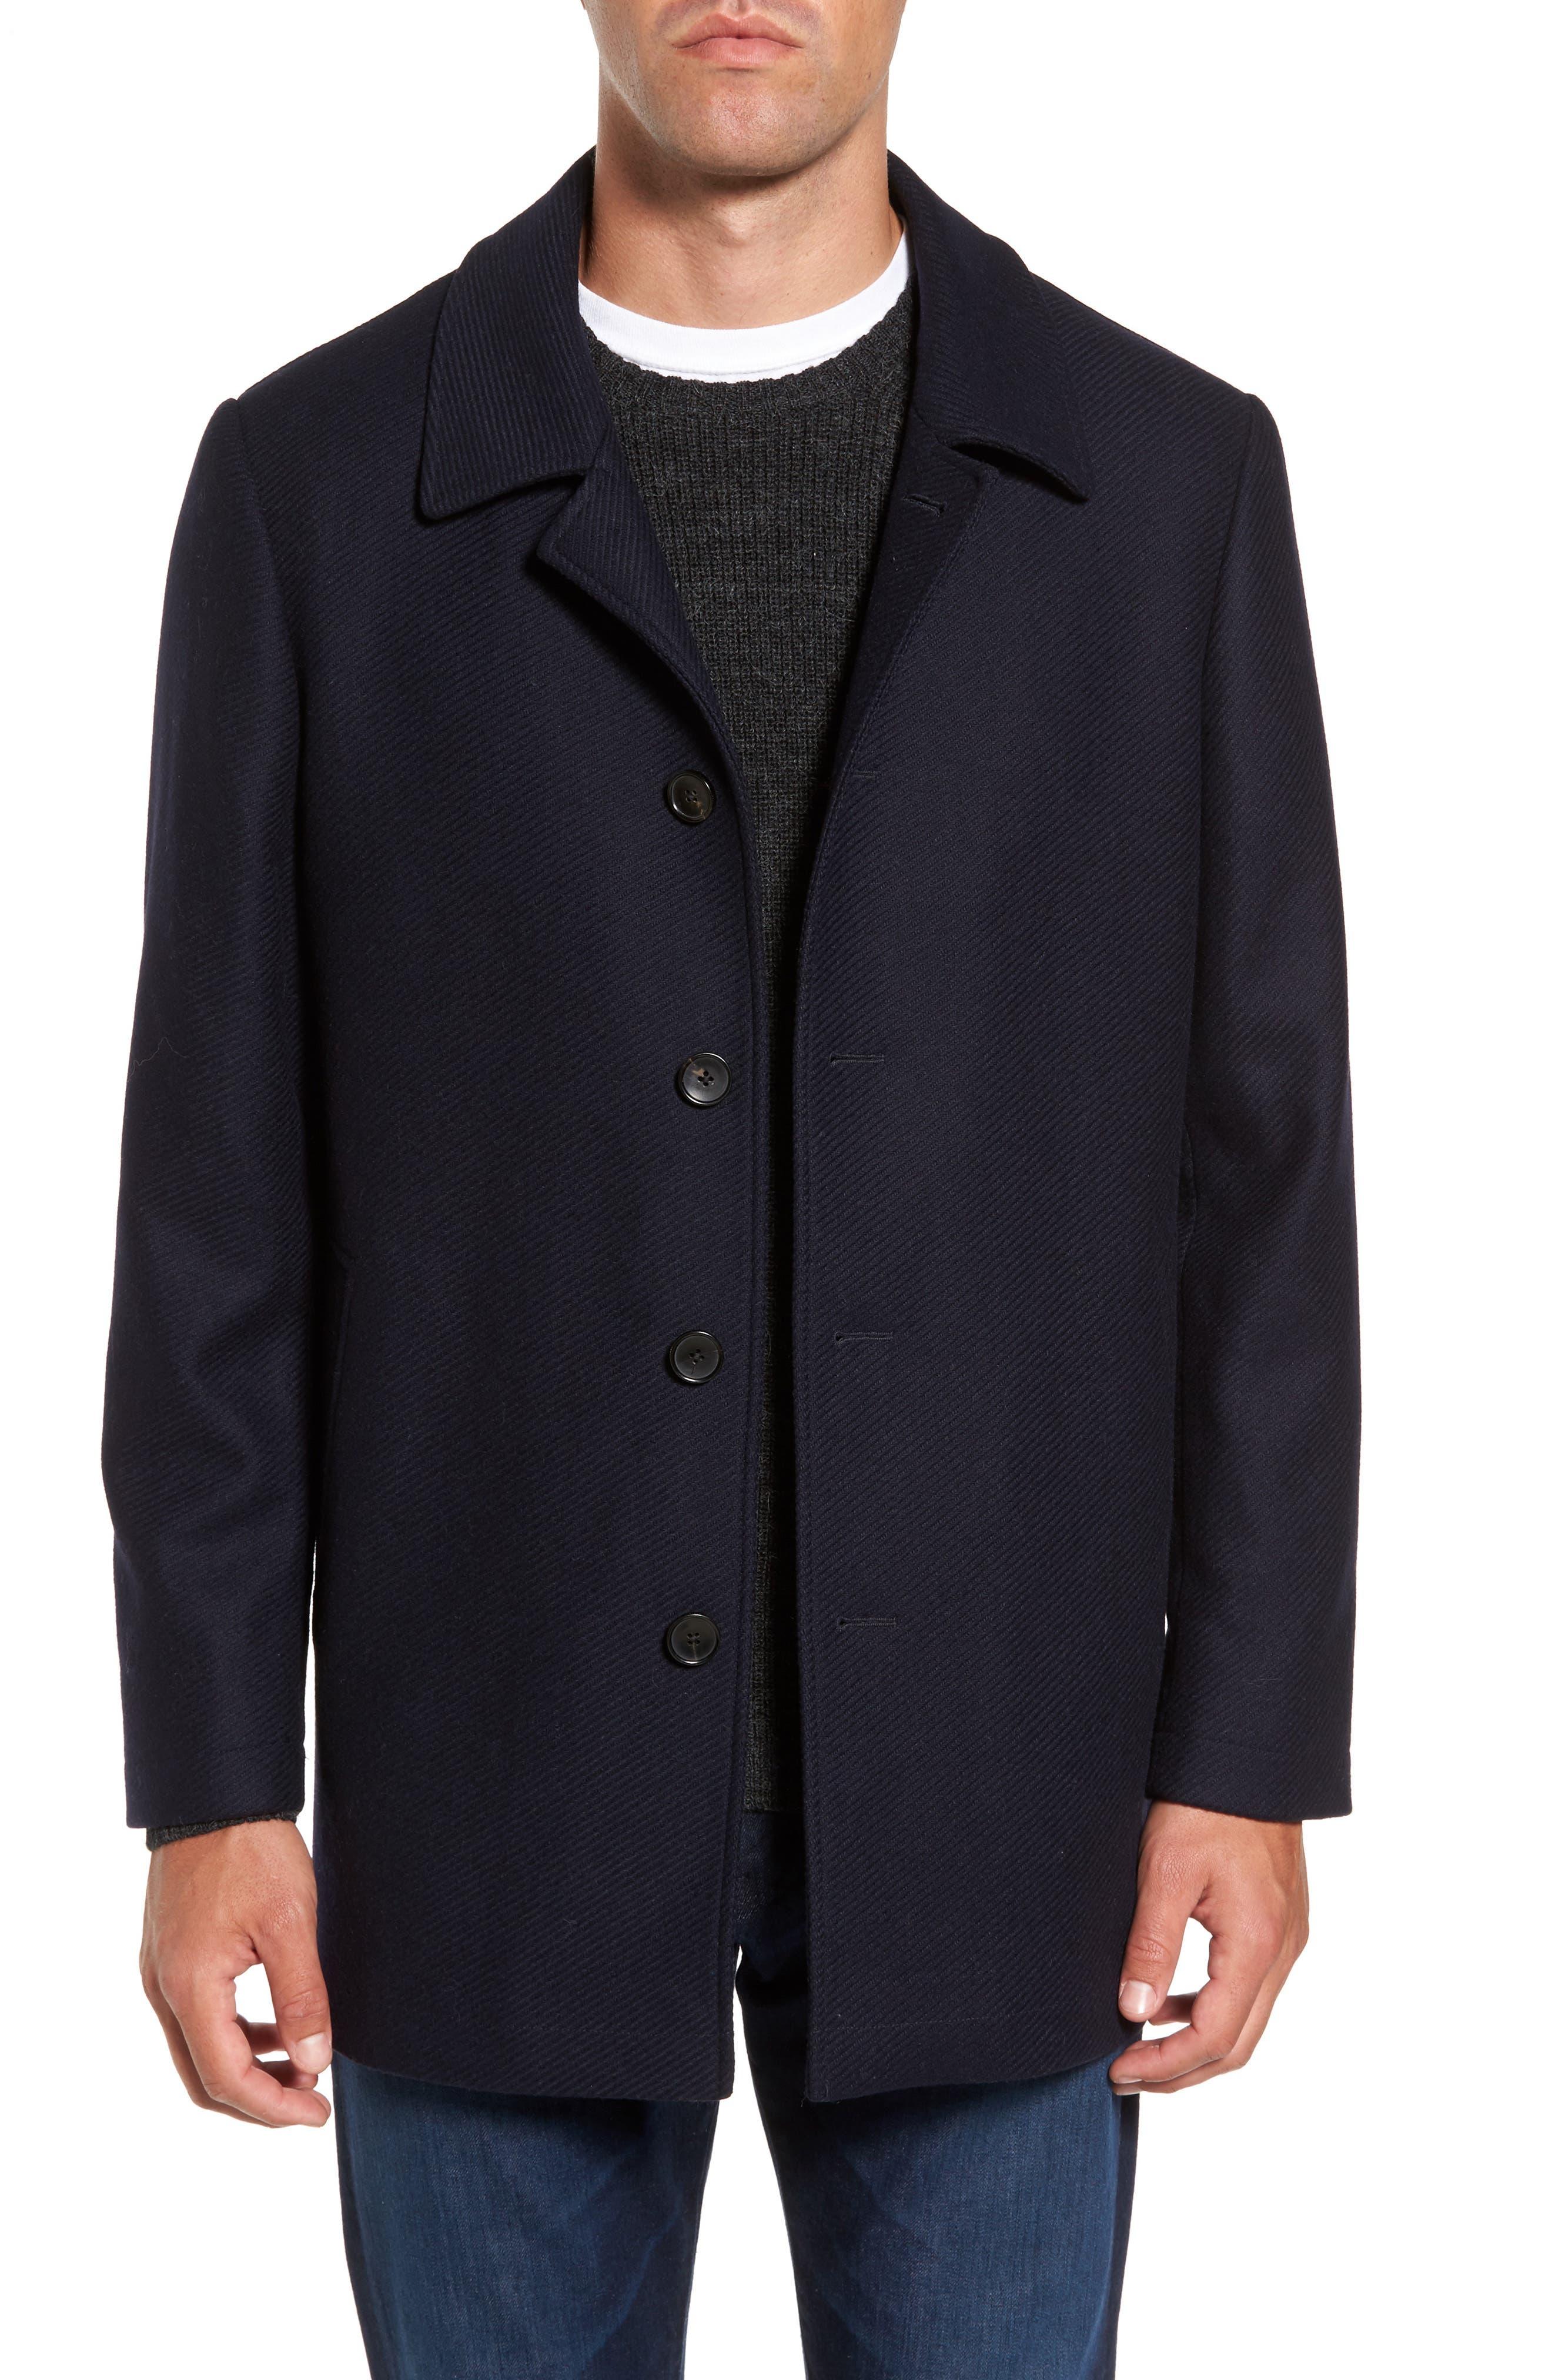 Alternate Image 1 Selected - Rodd & Gunn Christchurch Wool Blend Jacket